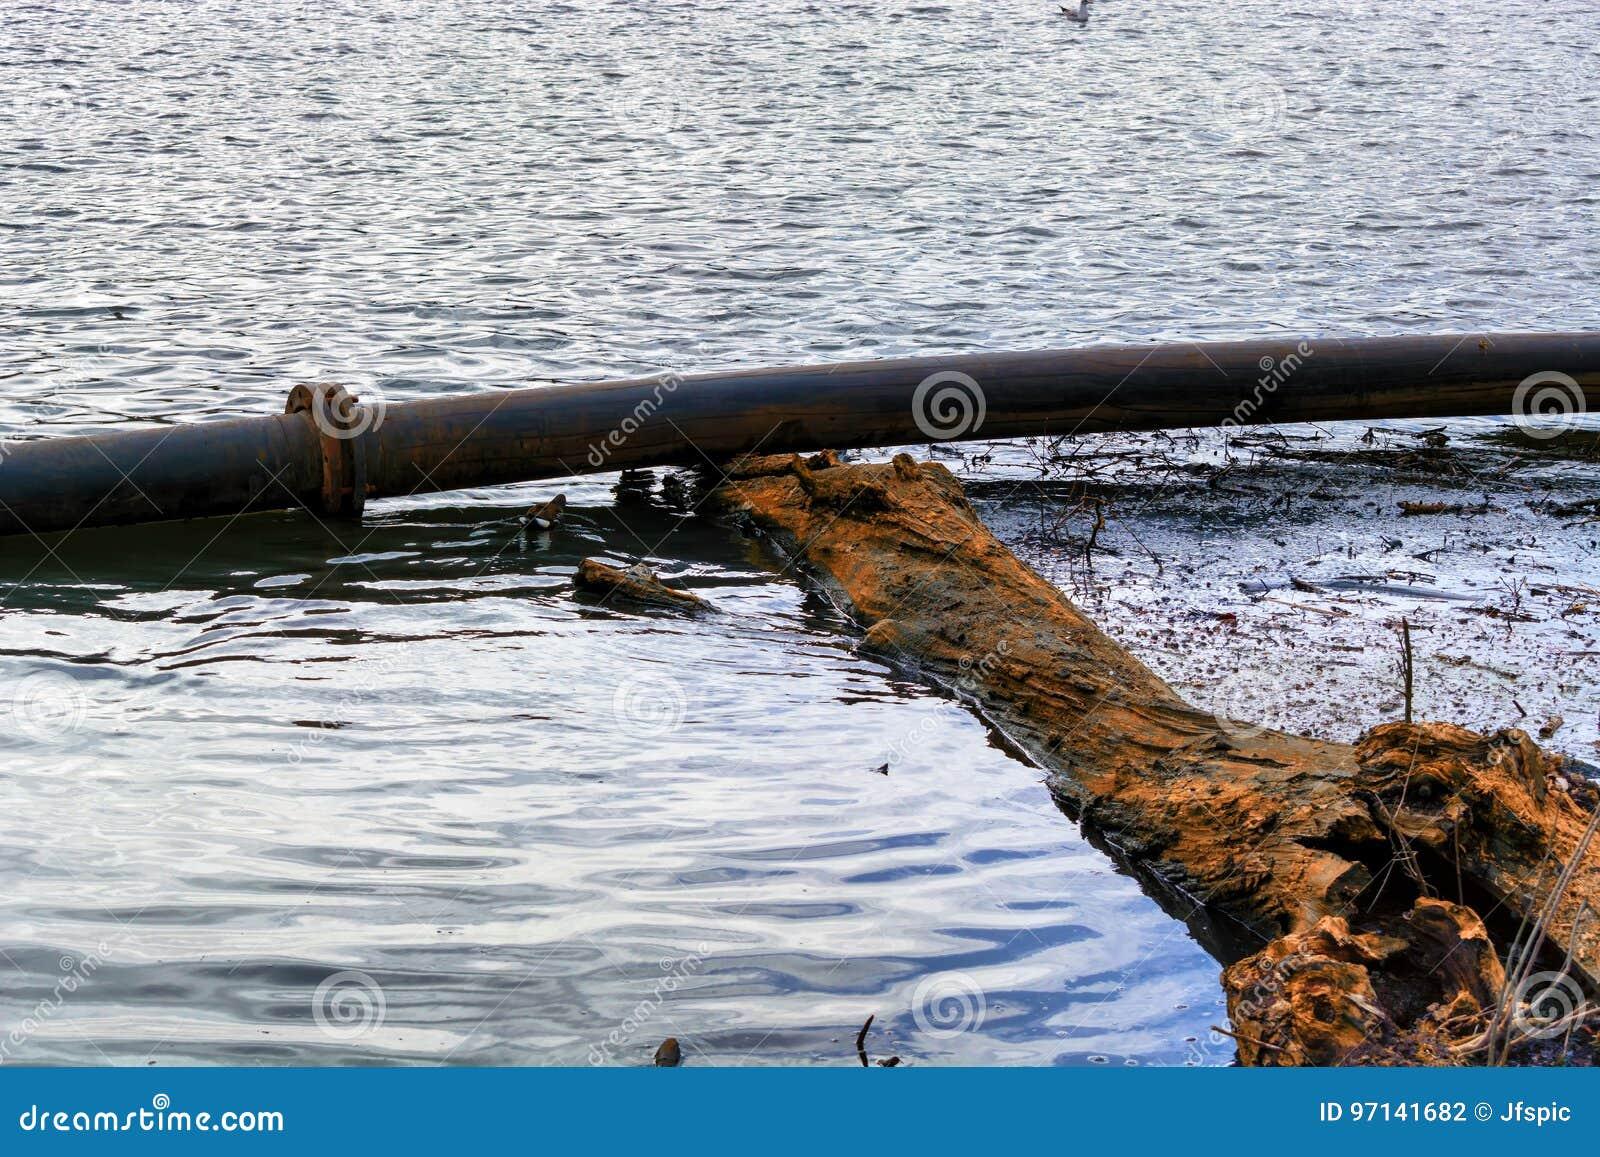 Pijpleiding, plastic pijpenvlotter op de waterspiegel